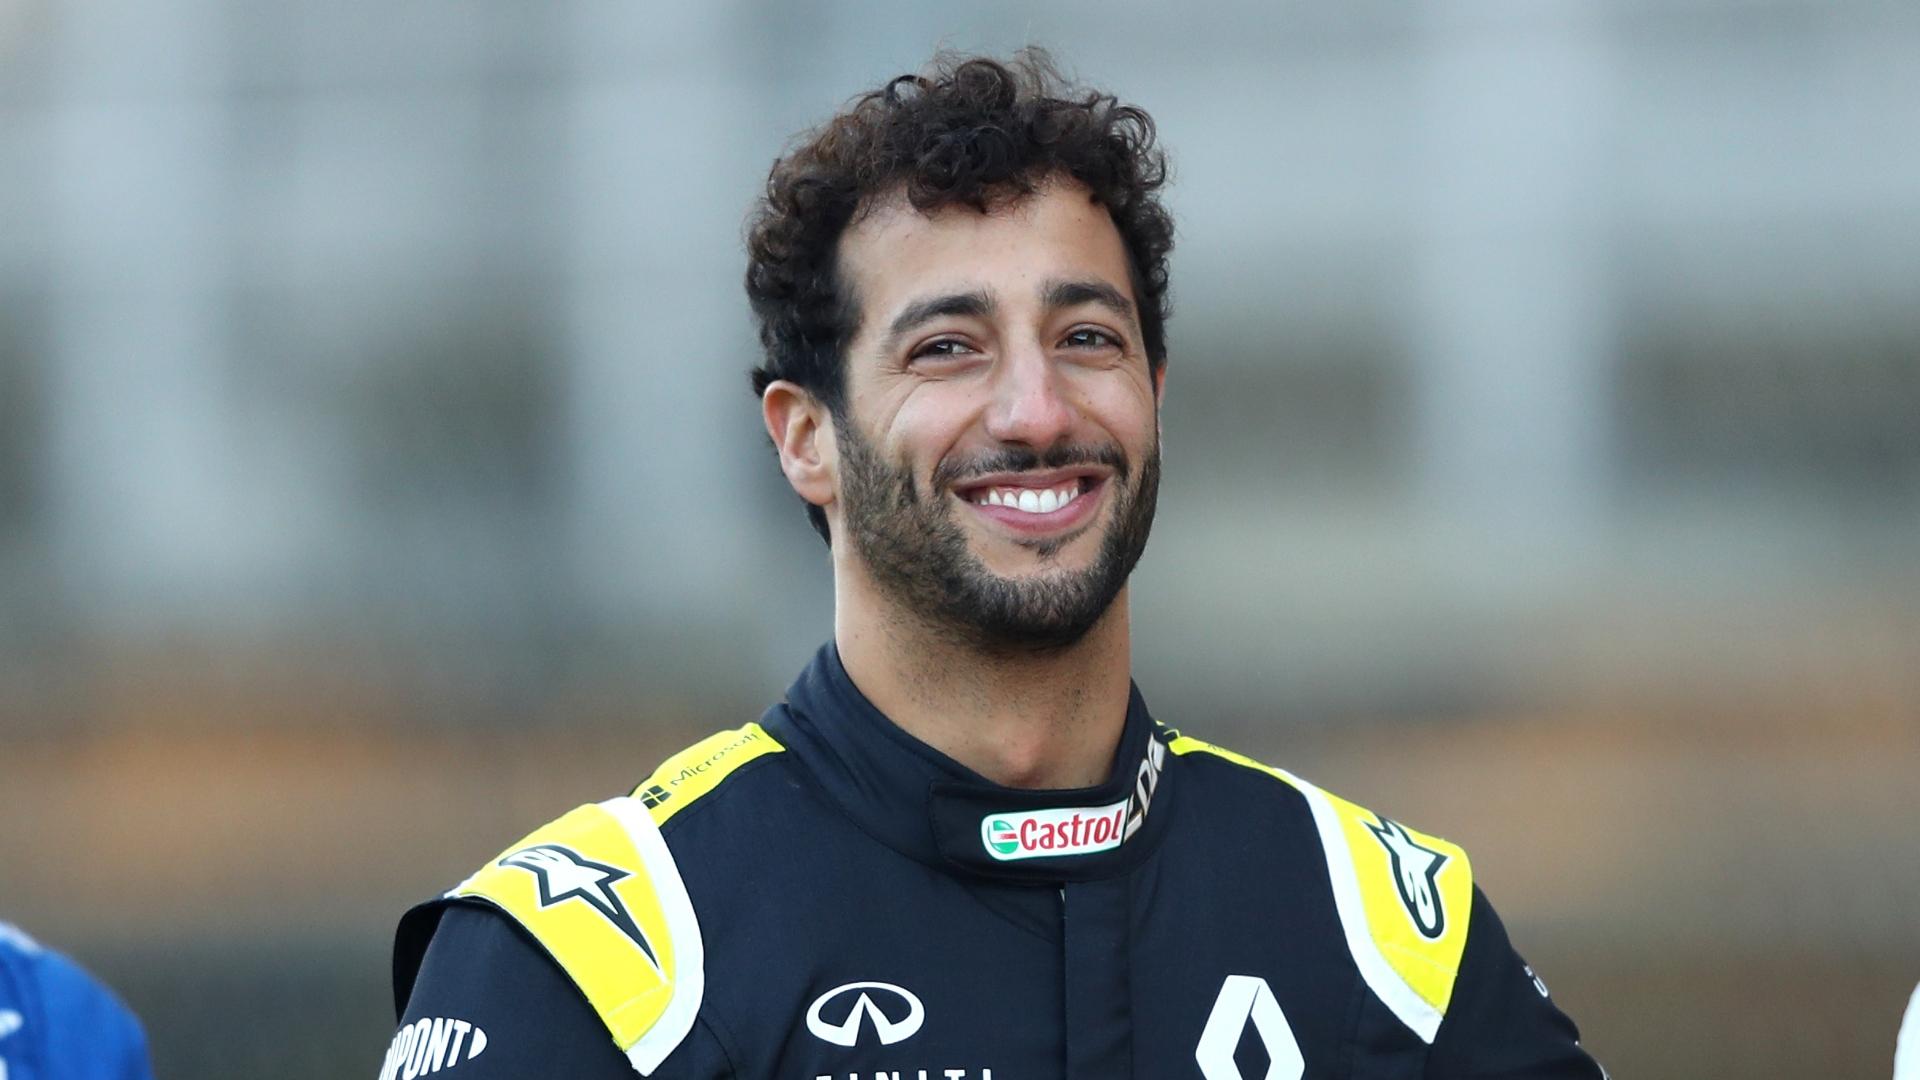 Gp Italia, vince Ricciardo. Fuori Hamilton e Verstappen